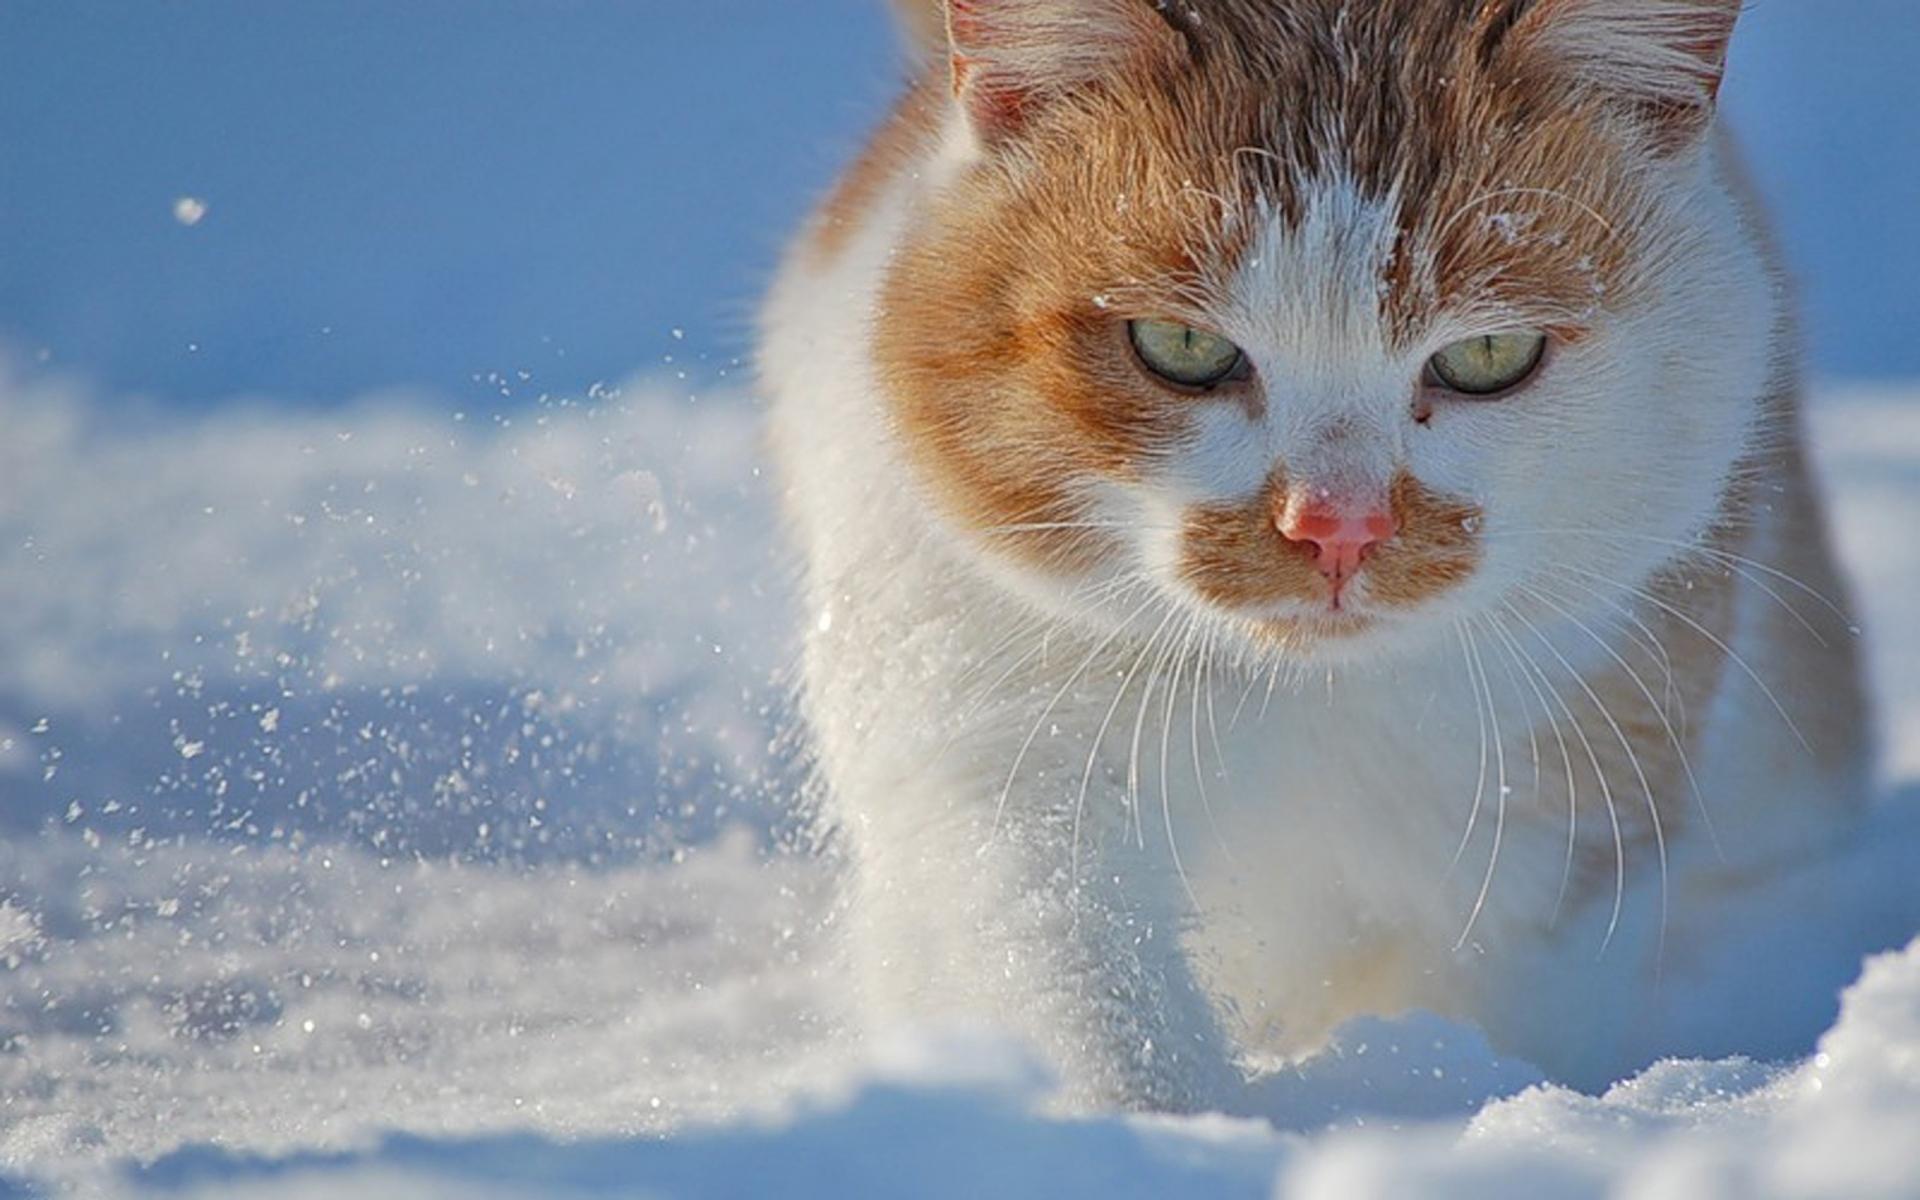 быстро картинки на рабочий стол зима котики в снегу конструкция отличается